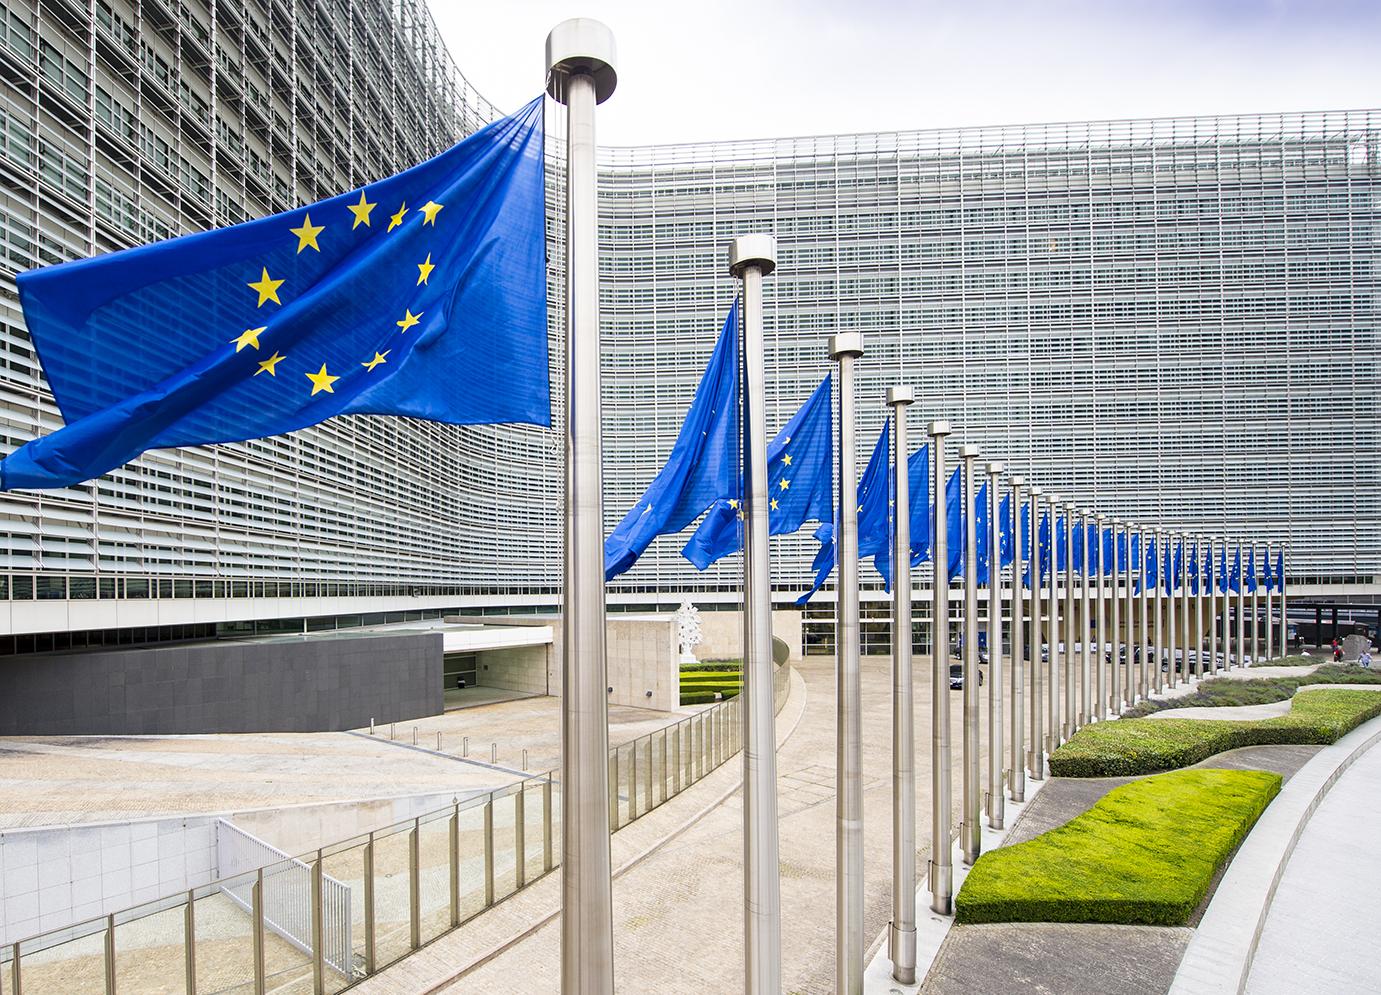 La Brexit, l'Europa e il dittatore benevolo